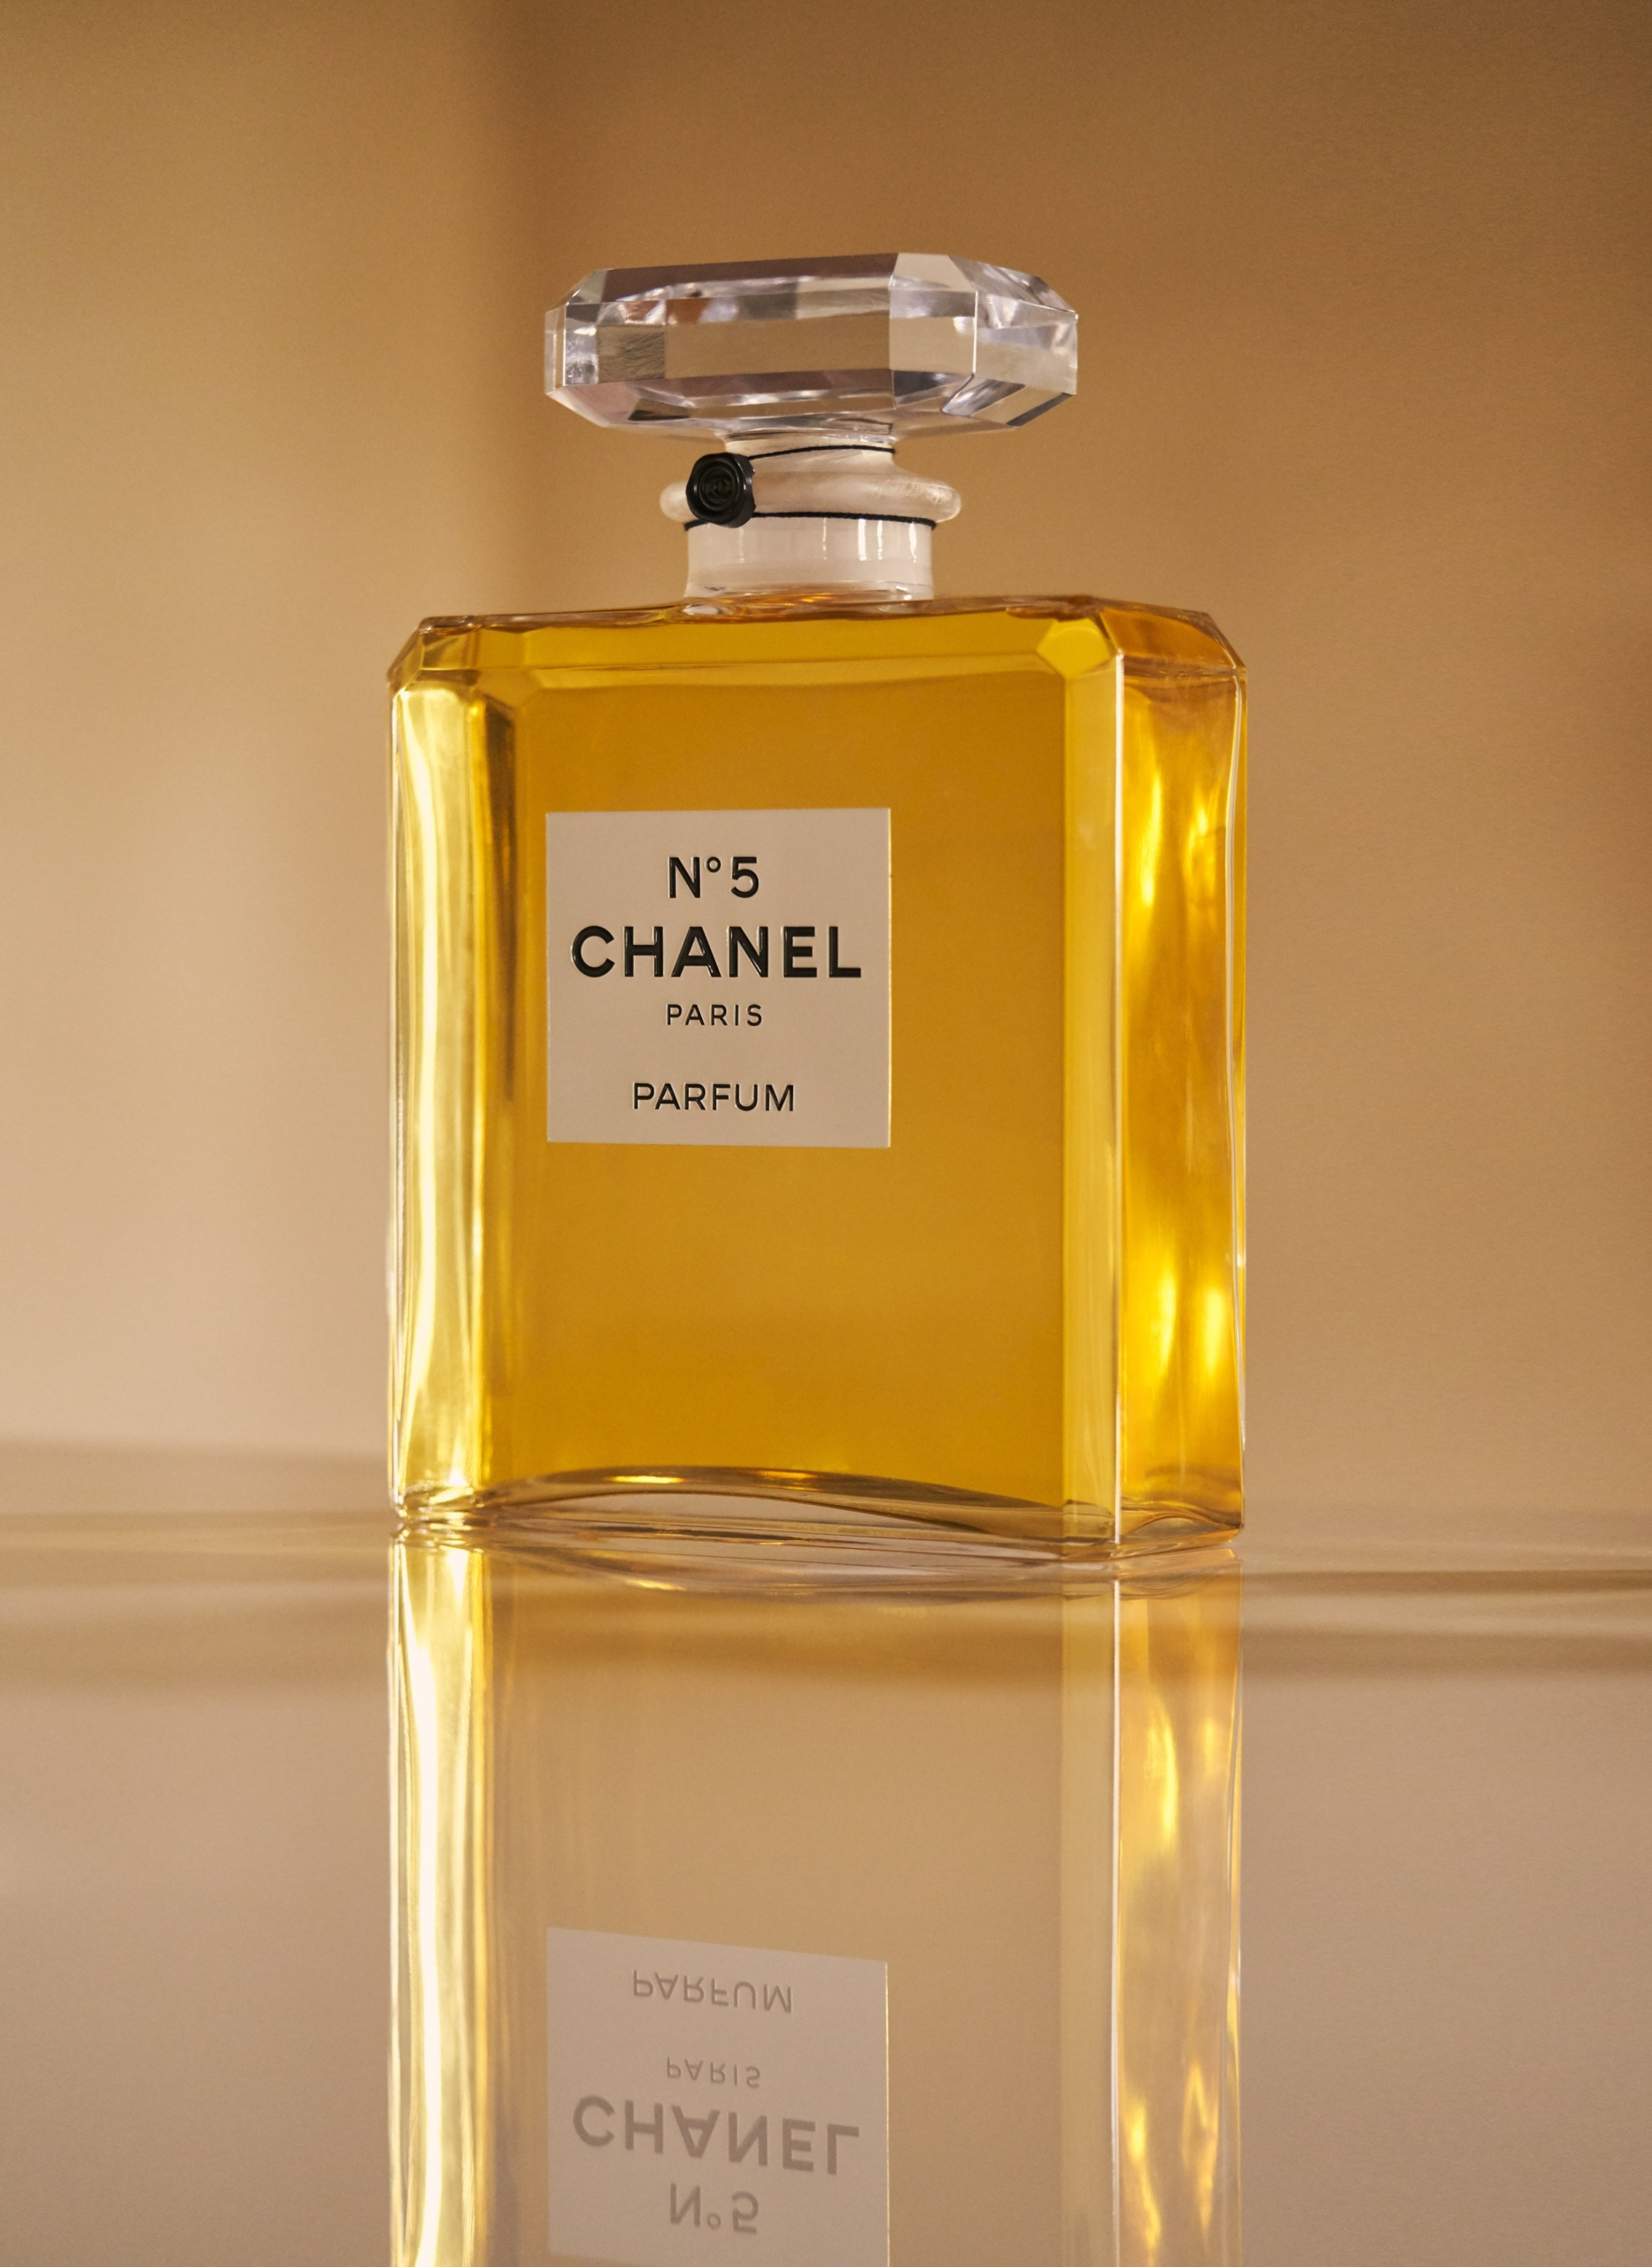 Storia del profumo Chanel N 5